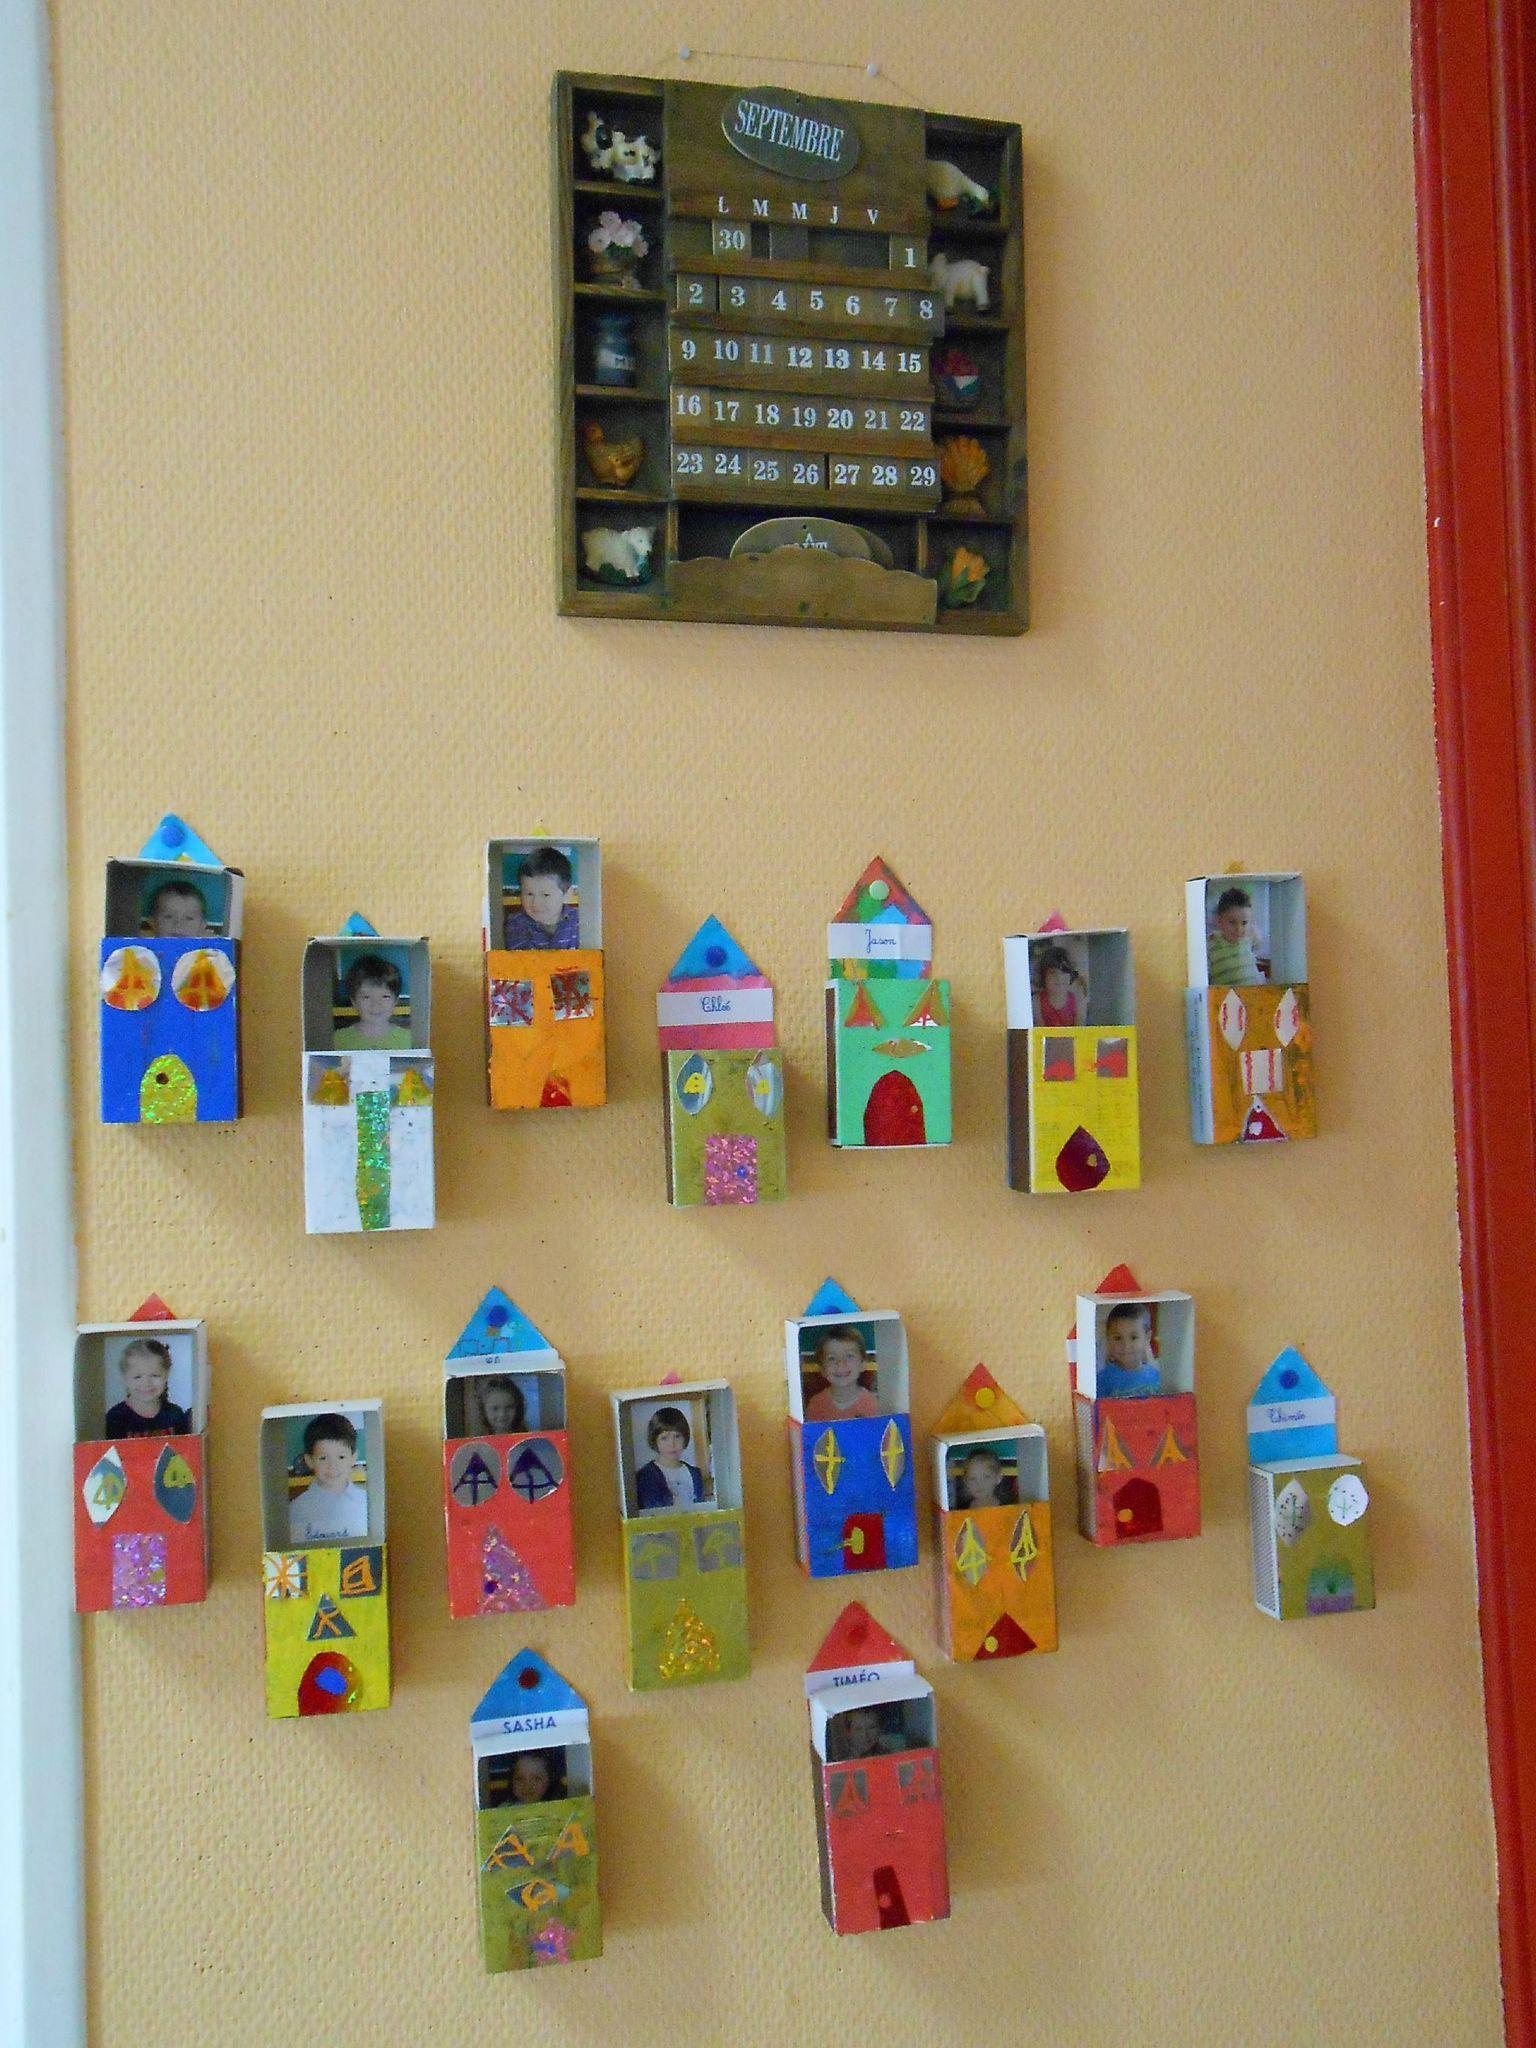 #B0781B Tableau Des Présences En Maternelle   Suche  6075 décoration de noel tps/ps 1536x2048 px @ aertt.com